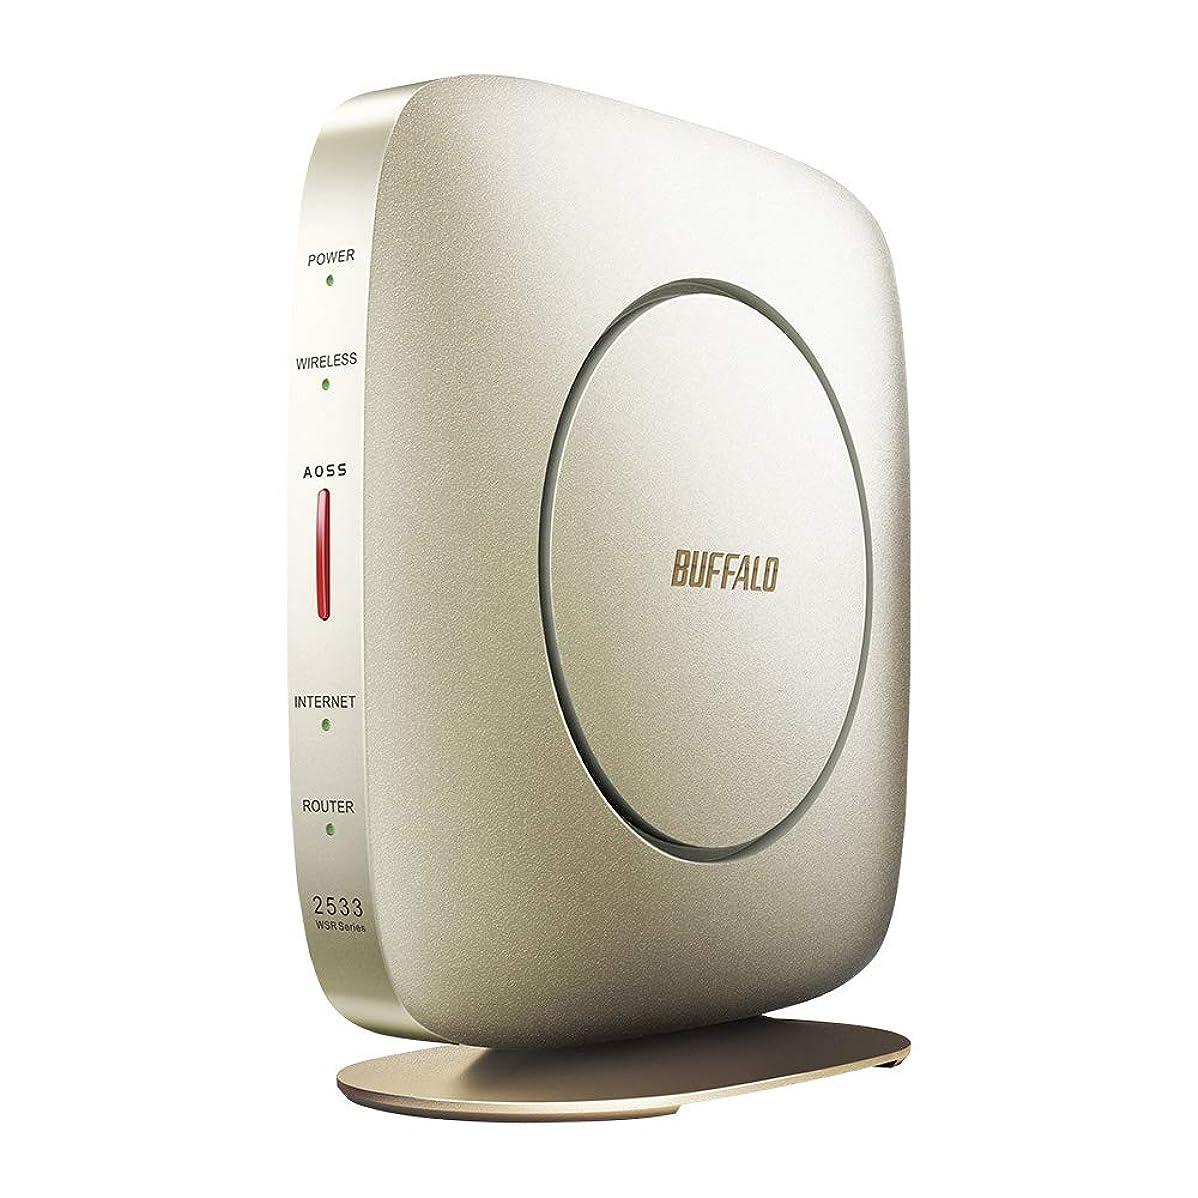 北西柔らかい足本当にASUS ゲーミング WiFi 無線LAN ルーター RT-AC88U 11ac デュアルバンド AC3200 2167+1000Mbps 最大21台 4LDK 3階建 PS4 / Wii U 対応